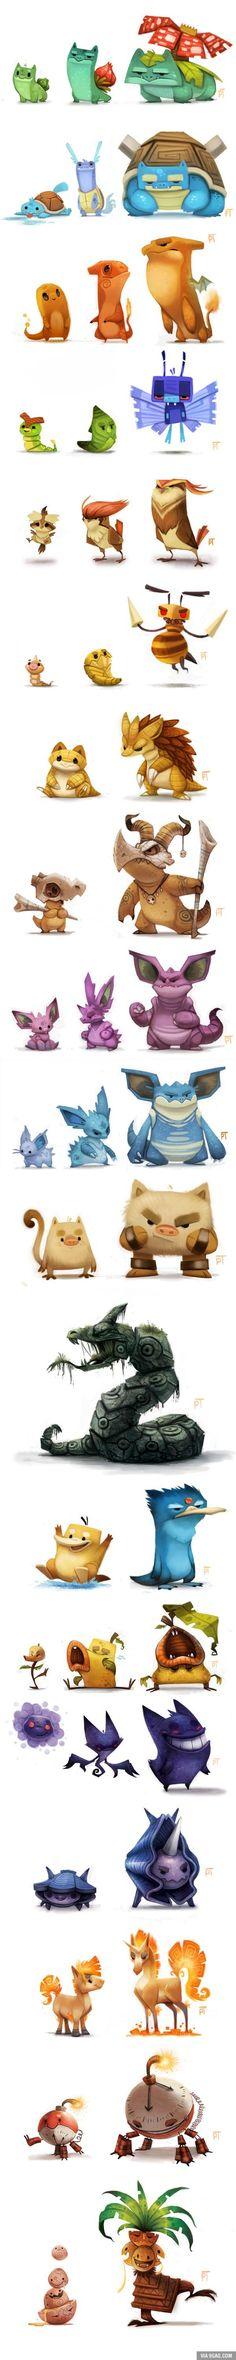 Les Pokémon revisités par l'artiste Piper Thibodeau